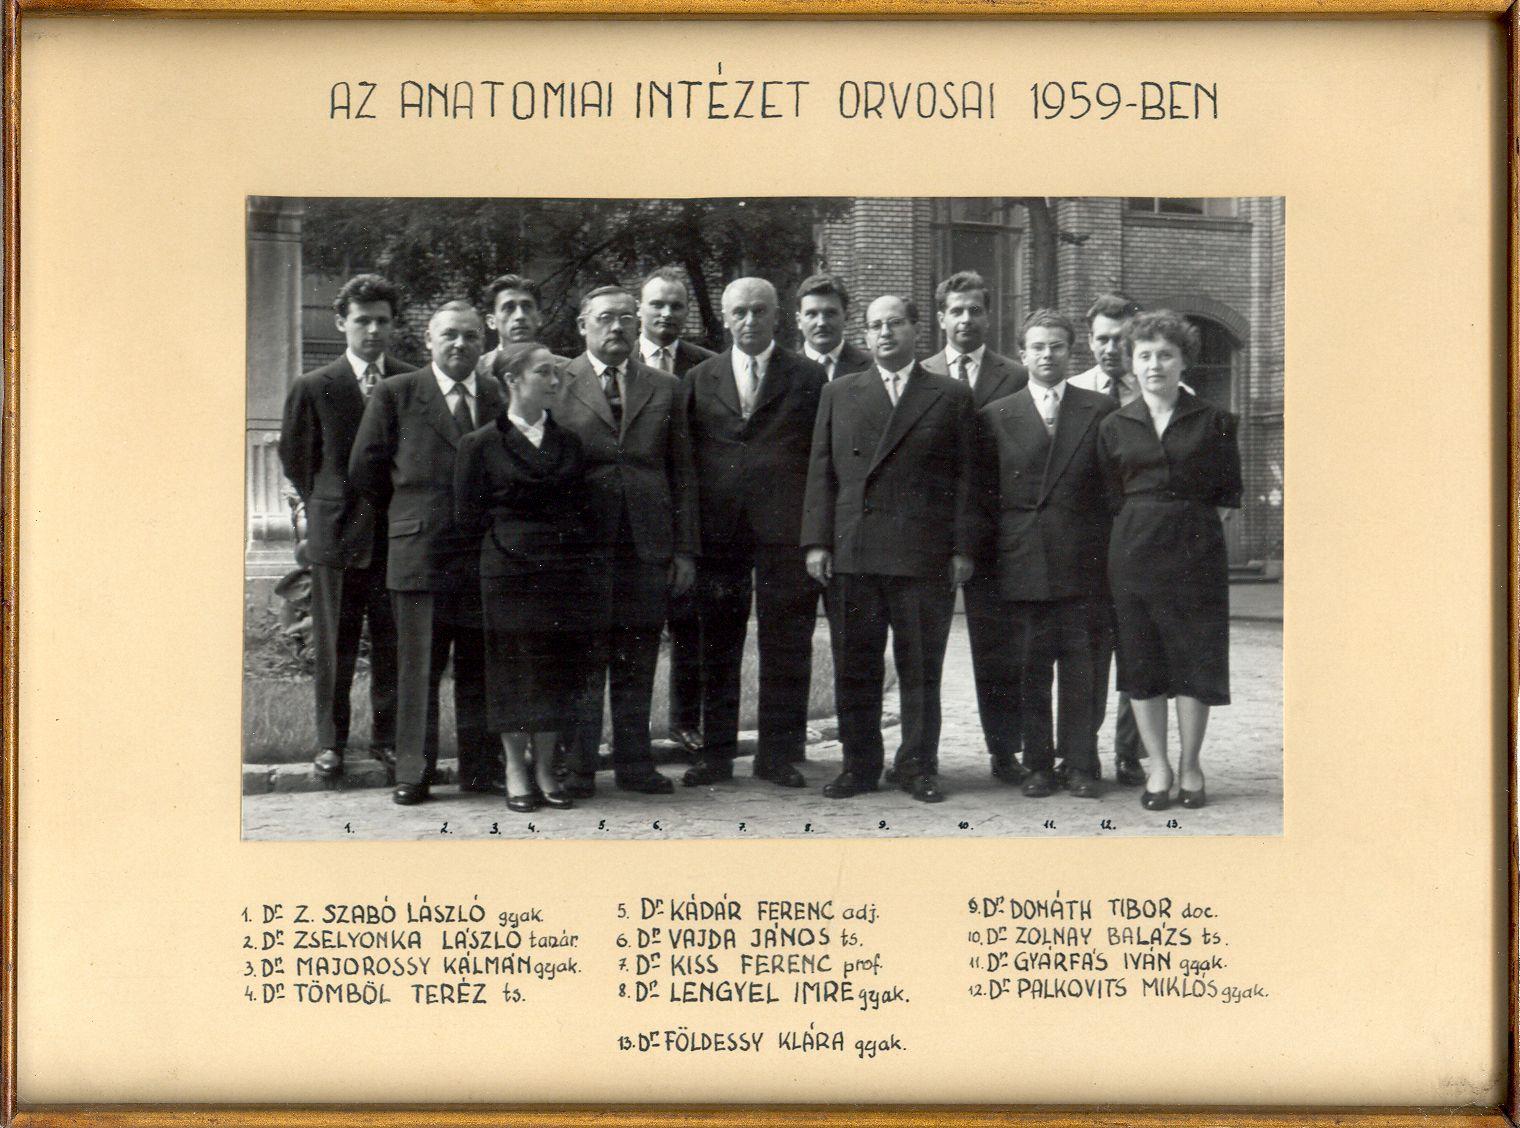 Forrás: Dr. Palkovits Miklós